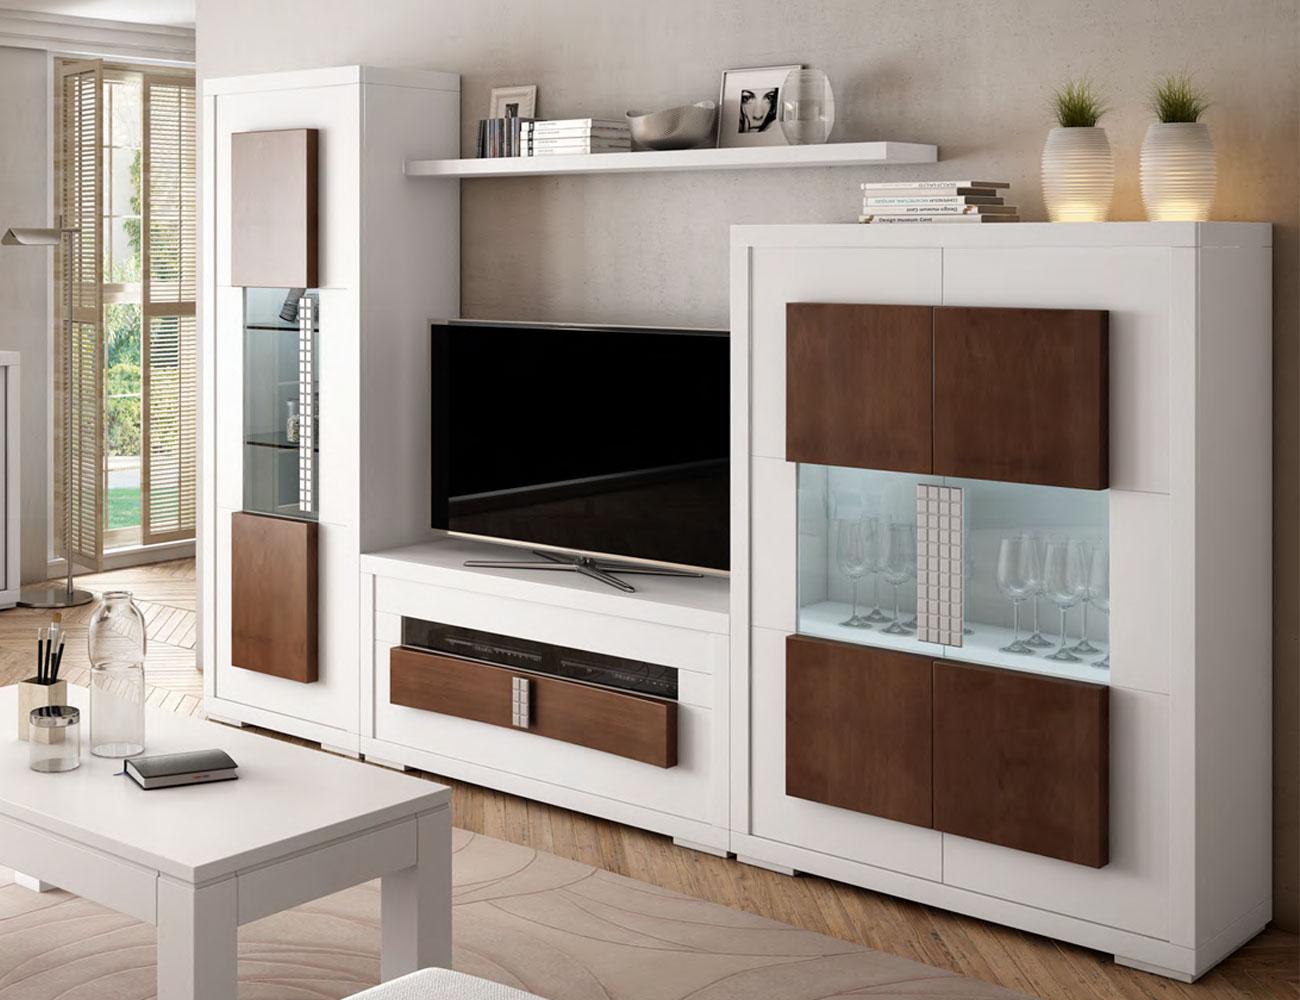 Composicion7 mueble salon comedor neoclasico blanco nogal classic vitrina bodeguero